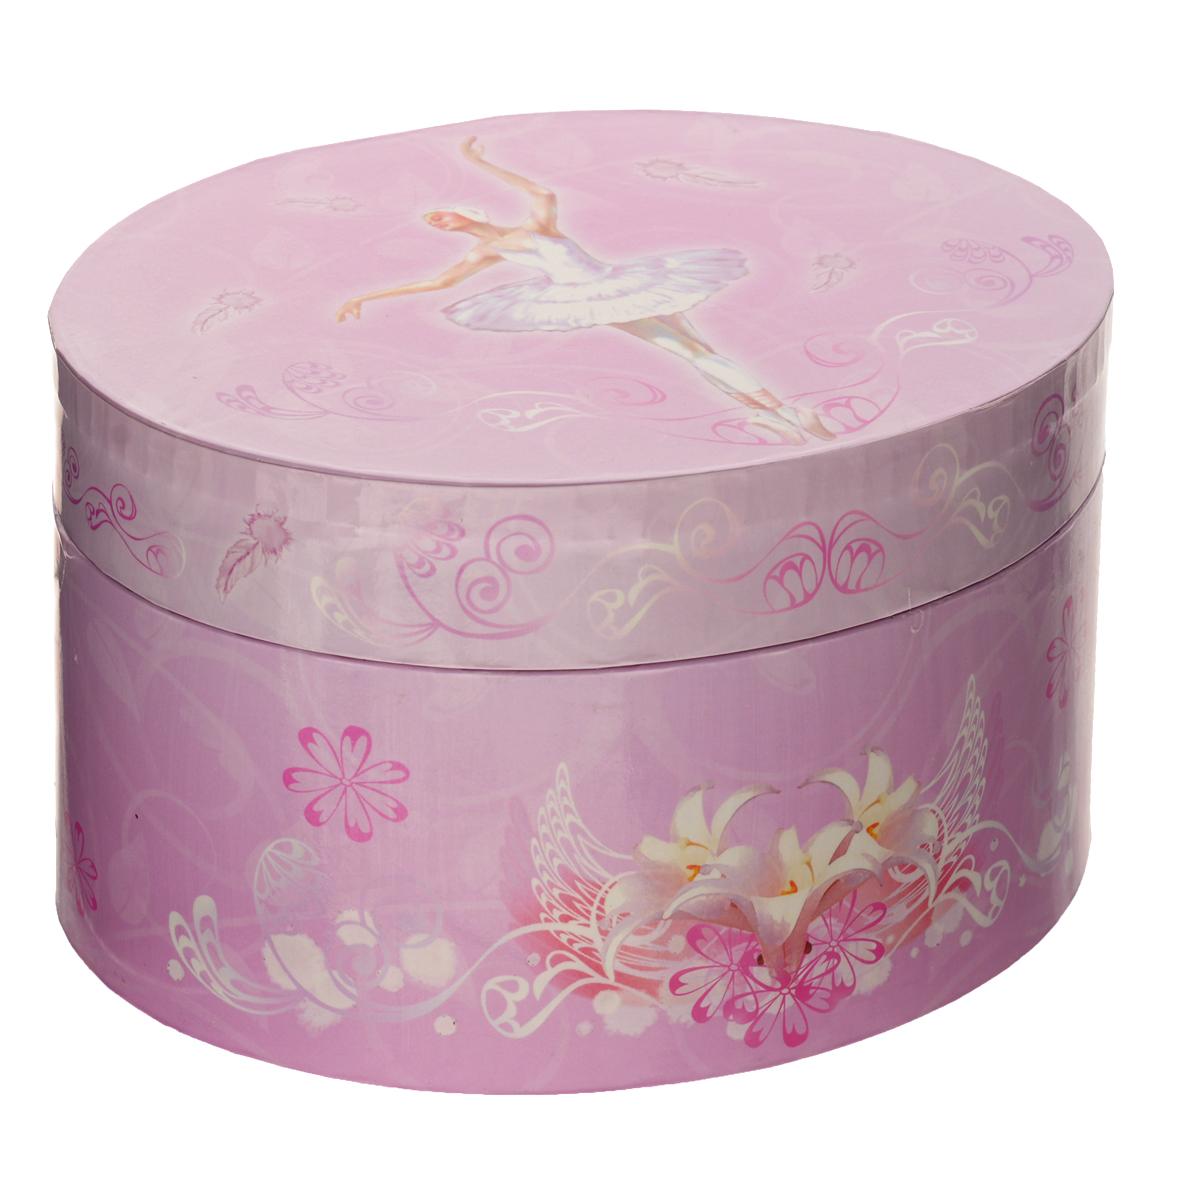 Музыкальная шкатулка Jakos Балерина, цвет: розовый jakos маленькая музыкальная шкатулка в форме цветка